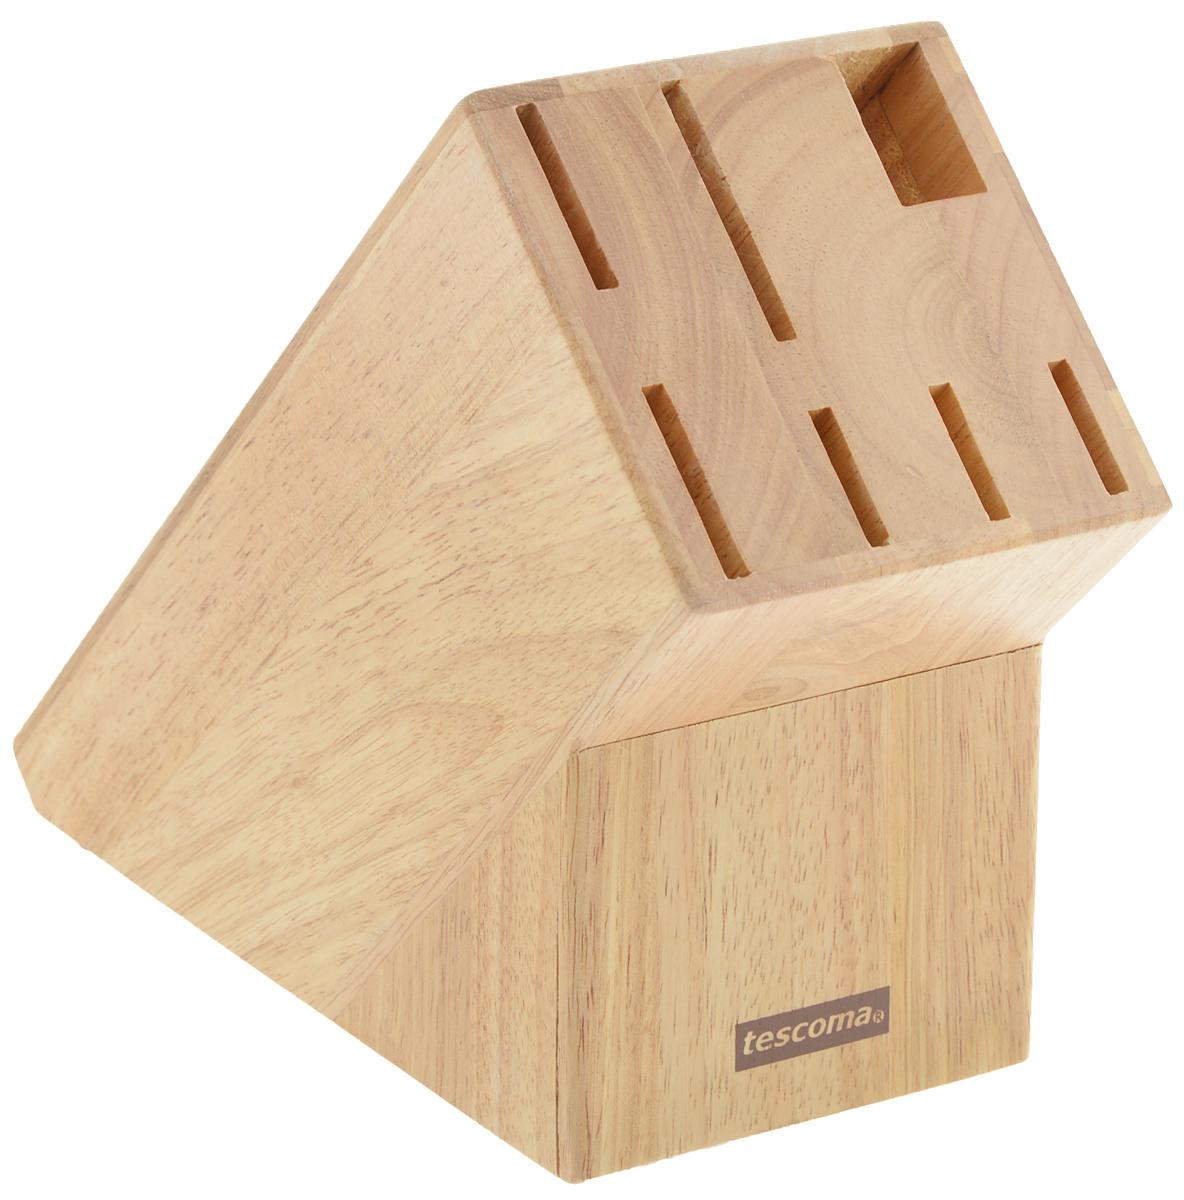 """Блок Tescoma """"Woody"""", изготовленный из специальной благородной древесины - каучука бразильского, обеспечивает безопасное хранение ножей. Блок имеет 6 отверстий для ножей и 1 отверстие для  ножниц или точилки. Изделие оснащено противоскользящими резиновыми накладками. Нельзя мыть в посудомоечной машине."""